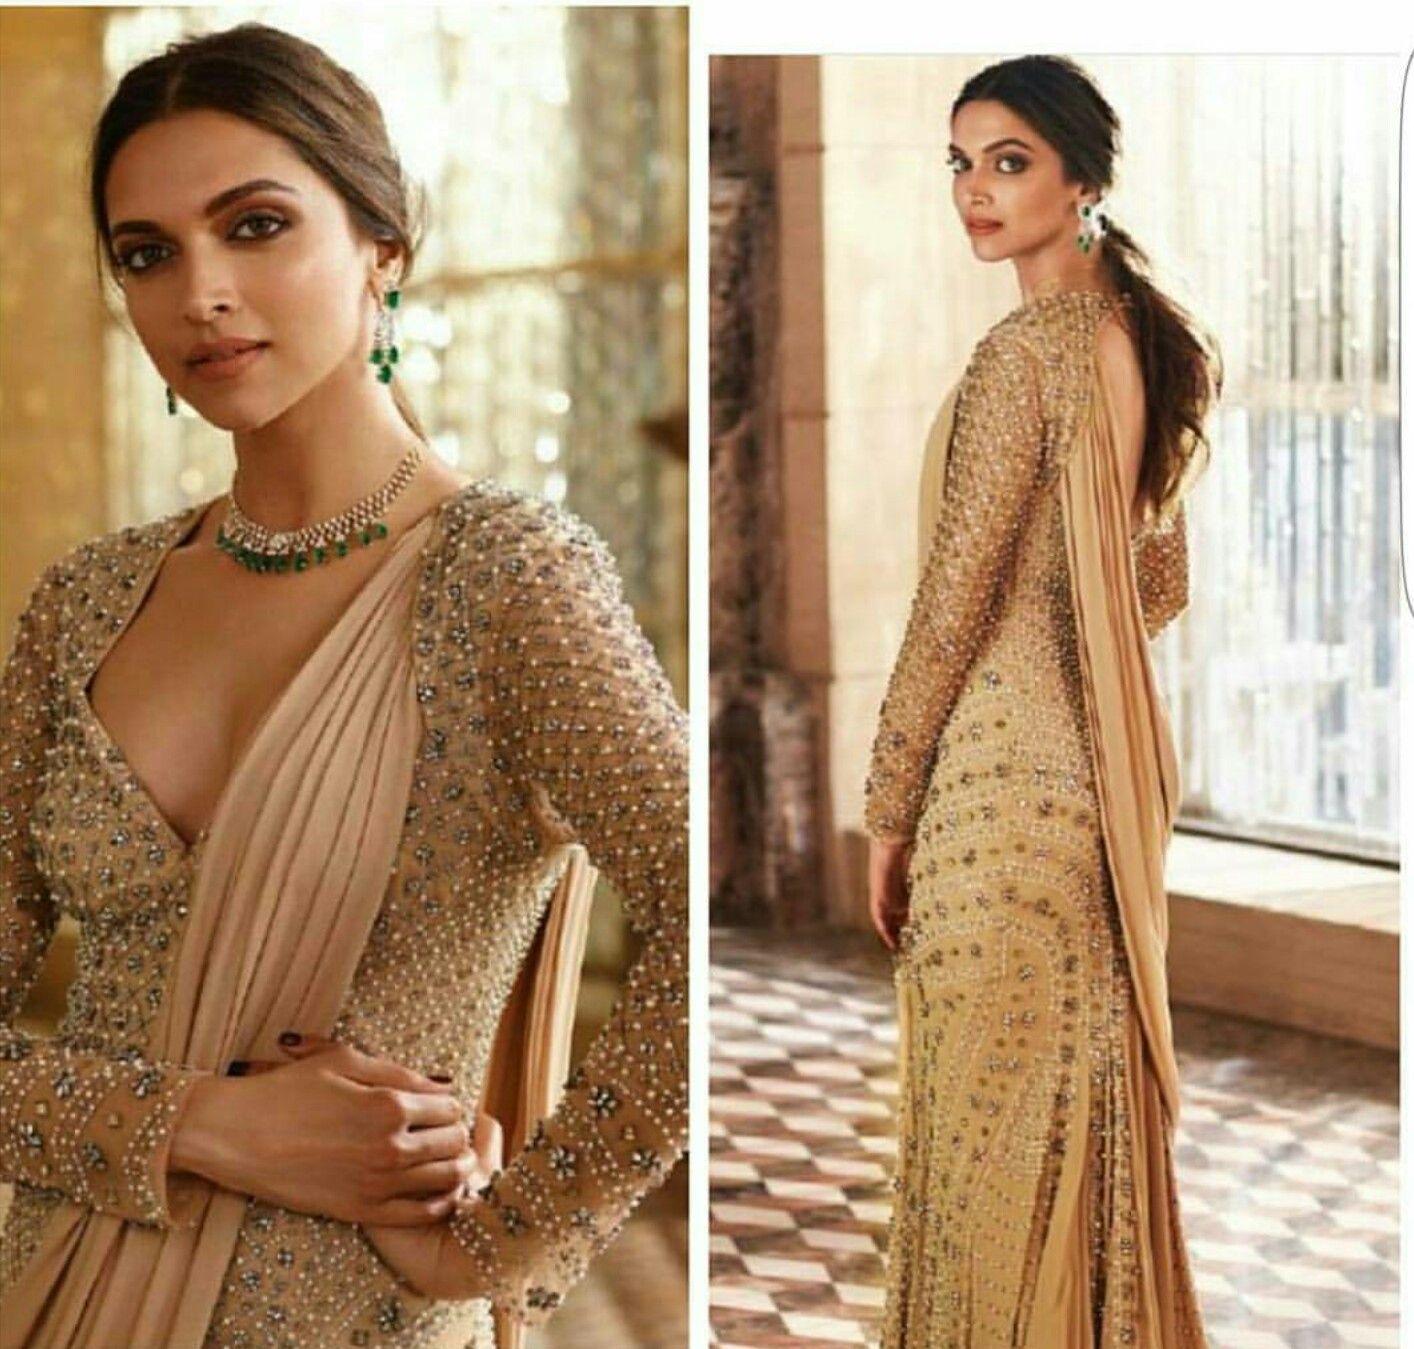 Deepika padukone wearing golden embroidered dress for an ...